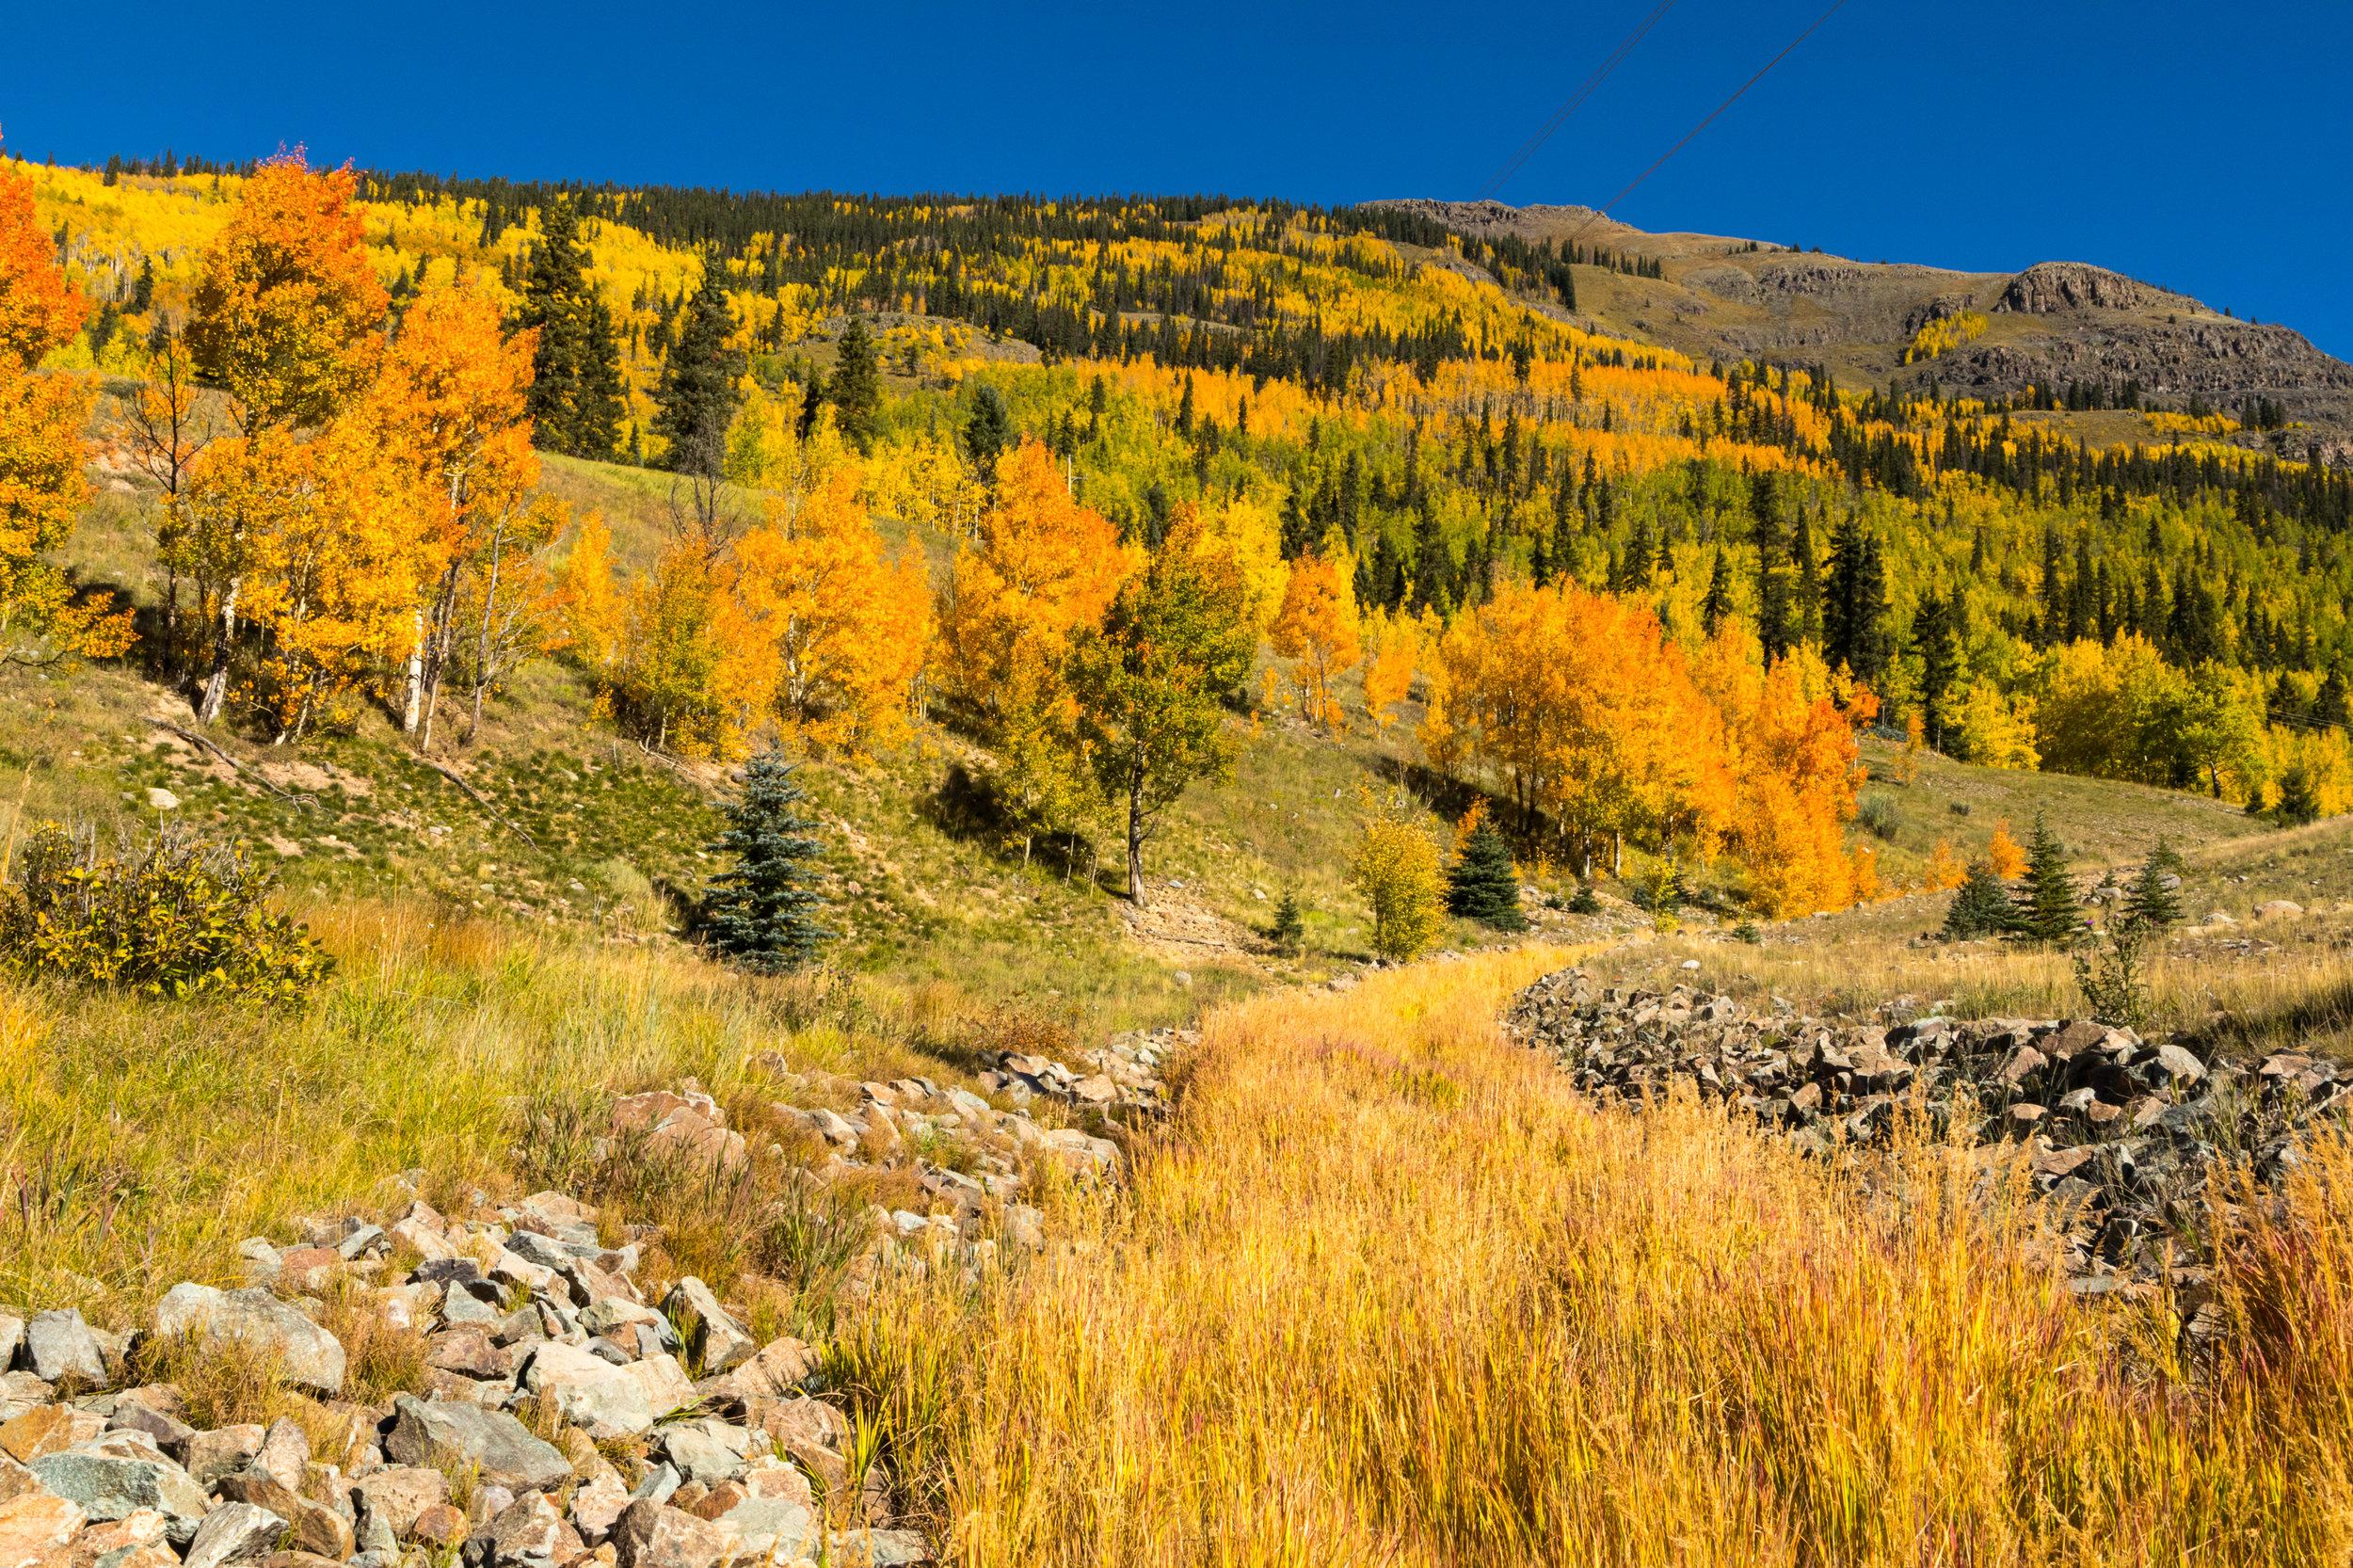 Silverton, Colorado, Image # 3285